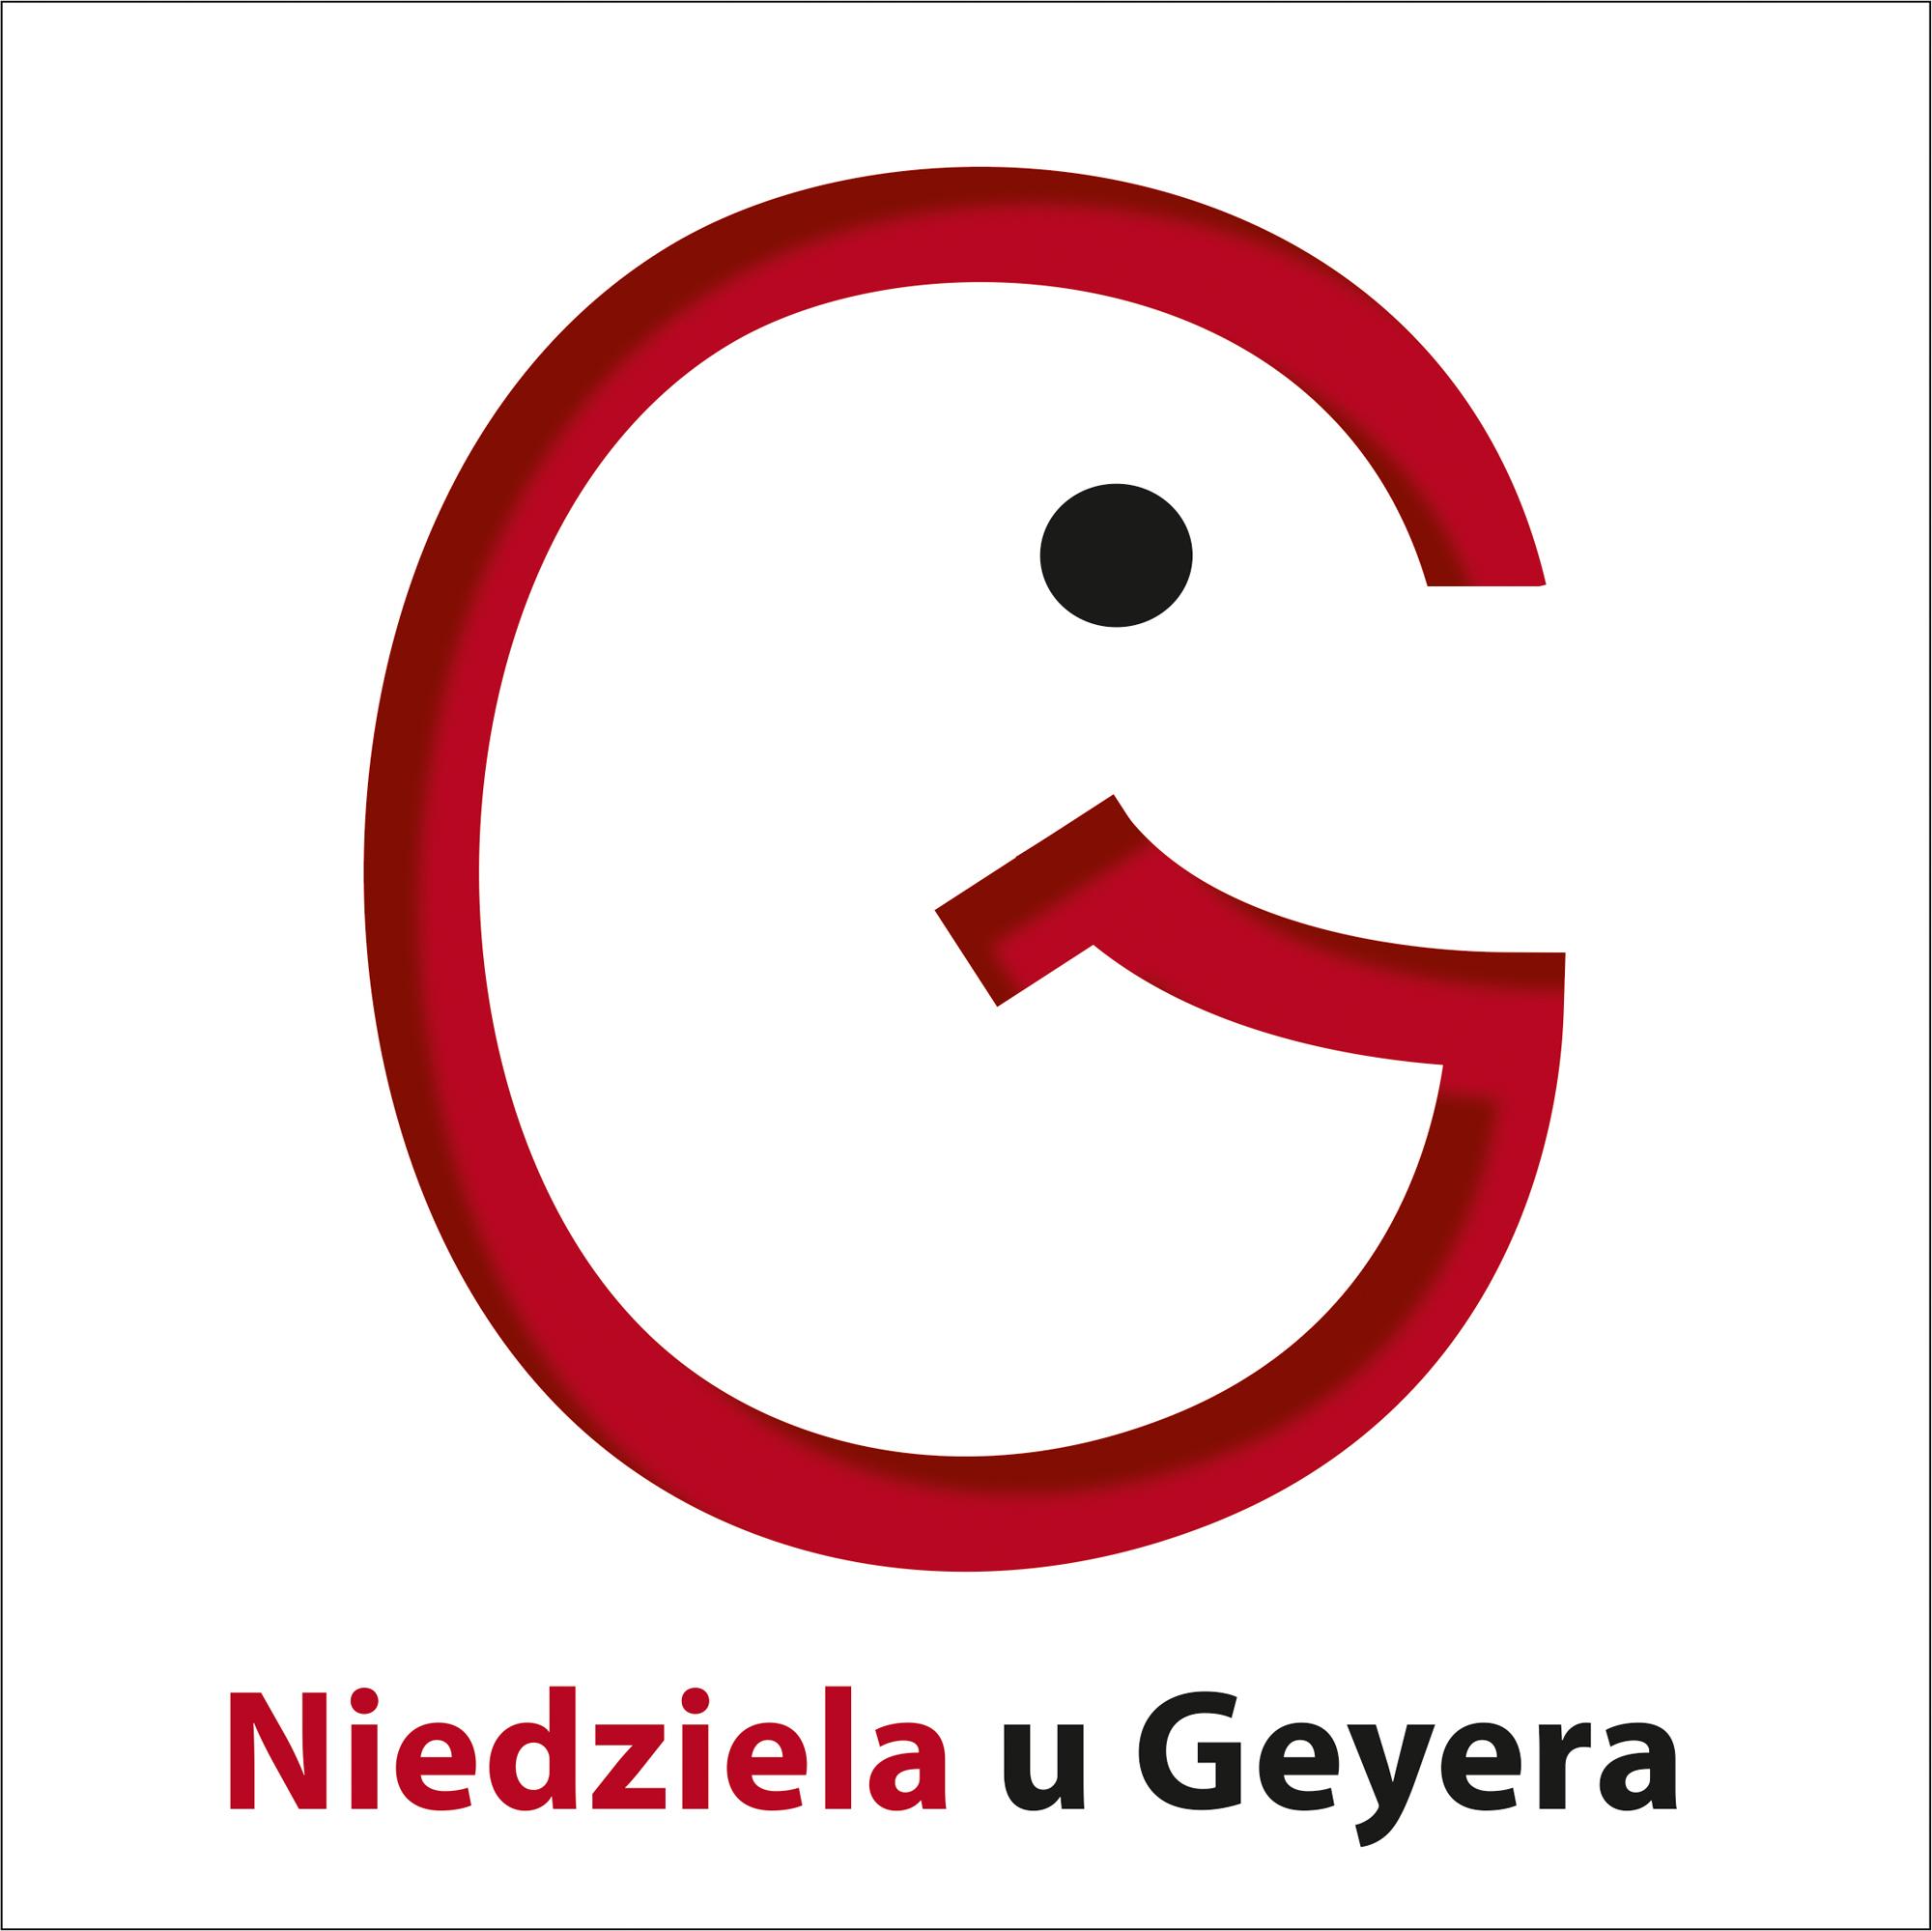 logo_Niedziela_u_Geyera